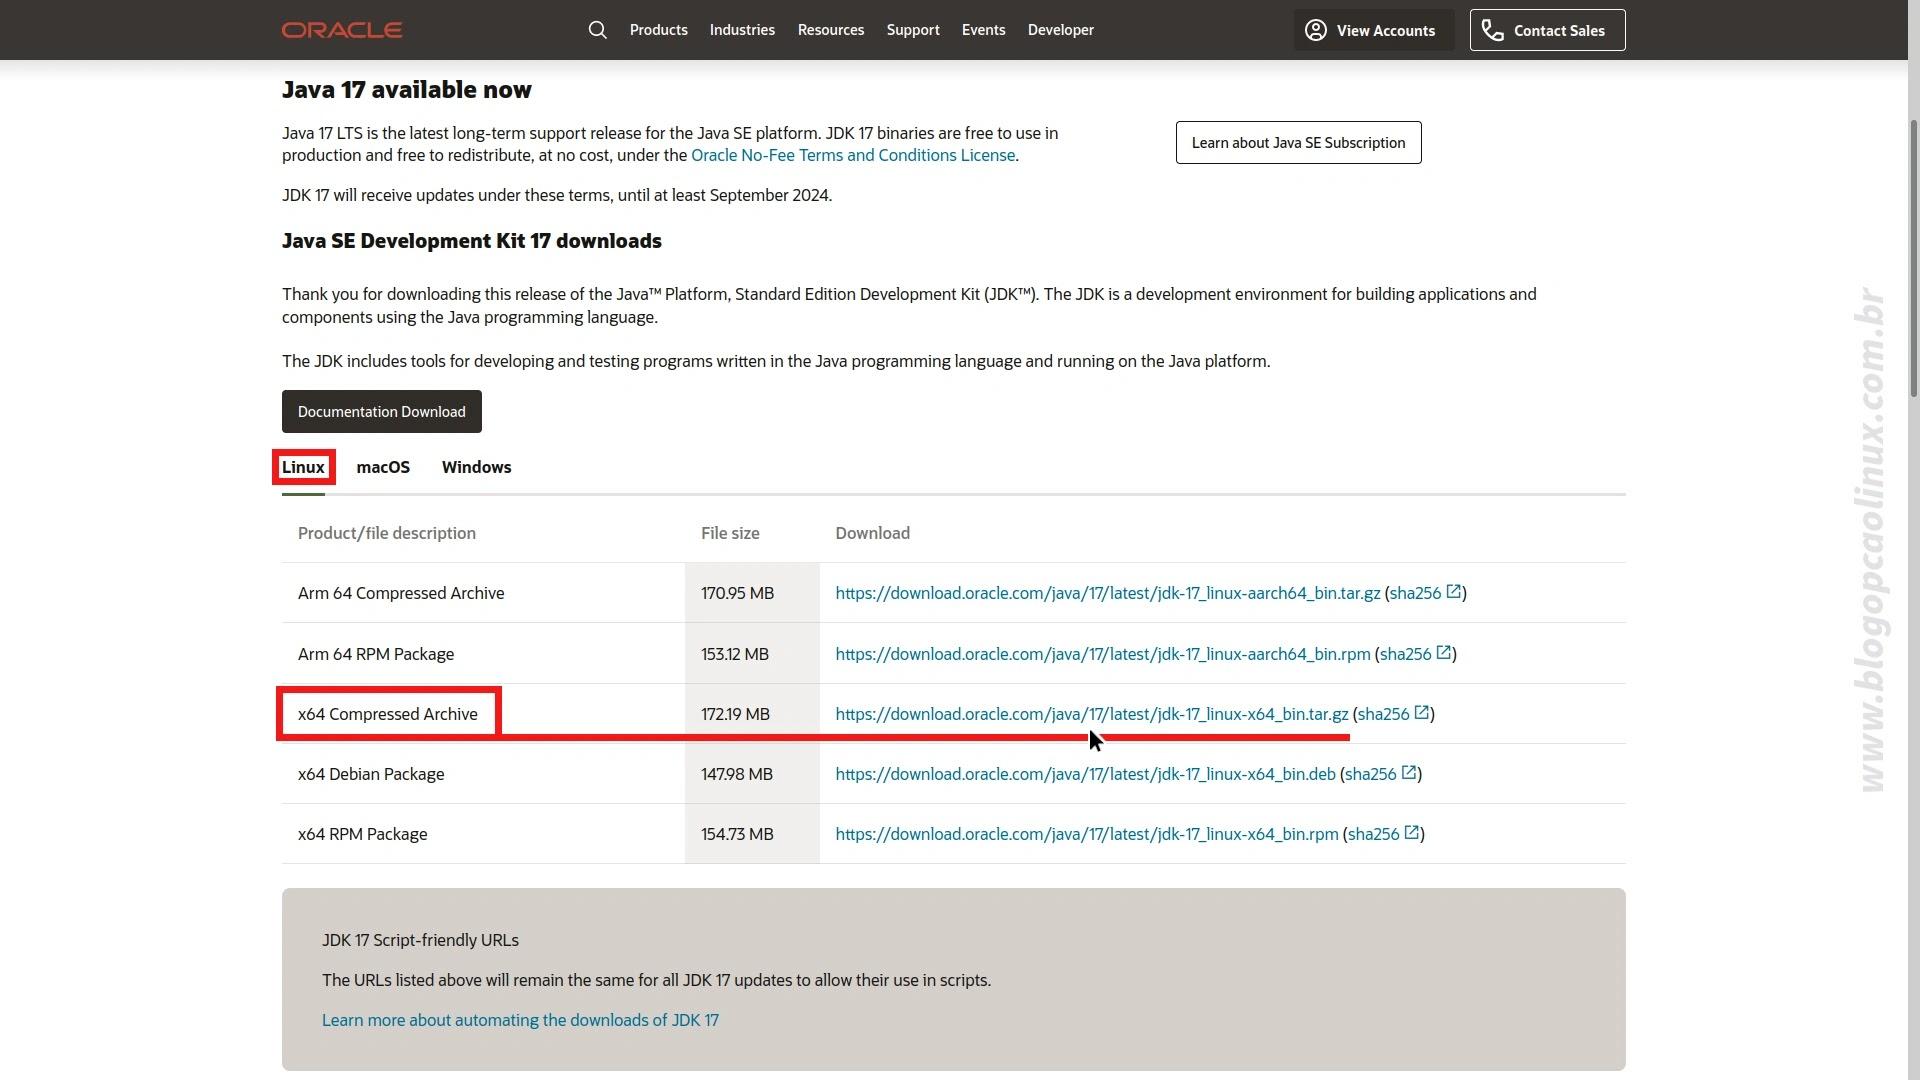 Página de download do Oracle Java SE Development Kit em setembro de 2021